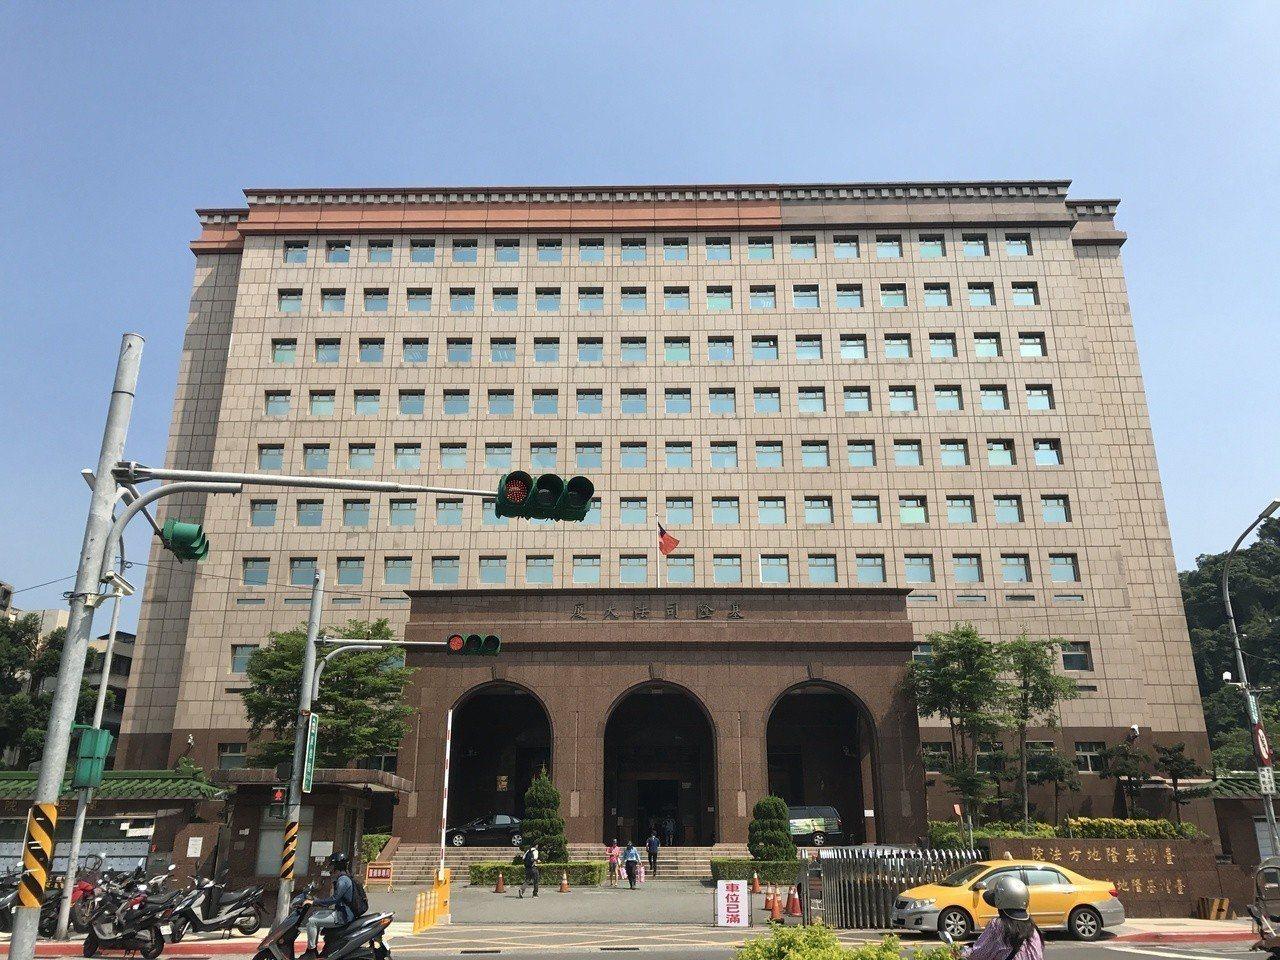 借名買地捐獻蓋廟爭議,基隆地方法院判劉女敗訴。 圖/聯合報系資料照片